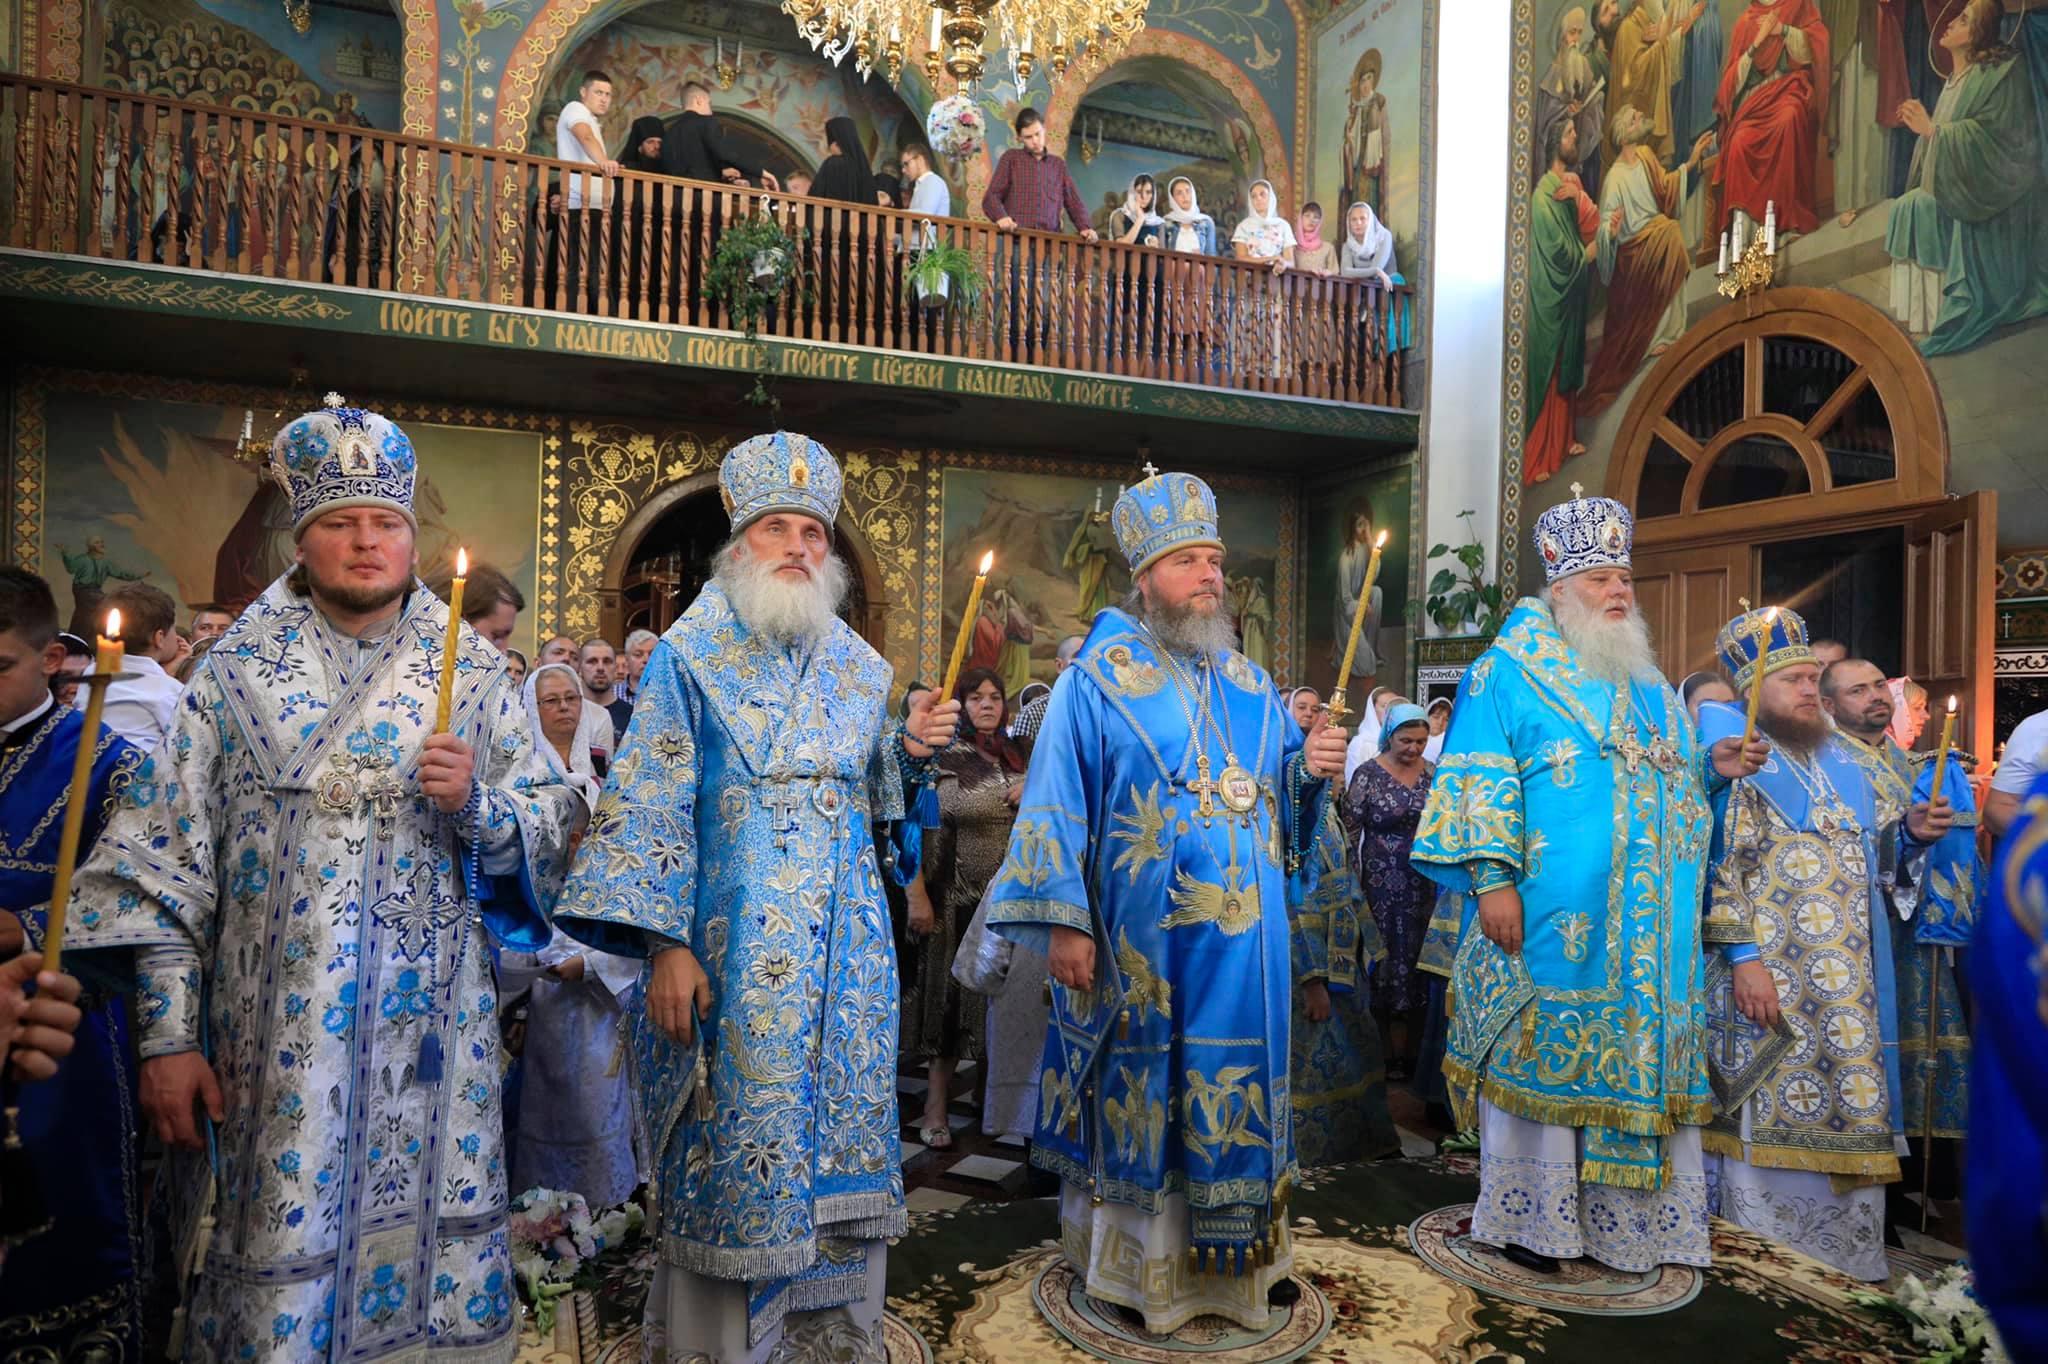 Преосвященний Сергій, єпископ Ладижинський, вікарій Тульчинської єпархії взяв участь у святкових богослужіннях в Кулівецькому Свято-Успенському чоловічому монастирі